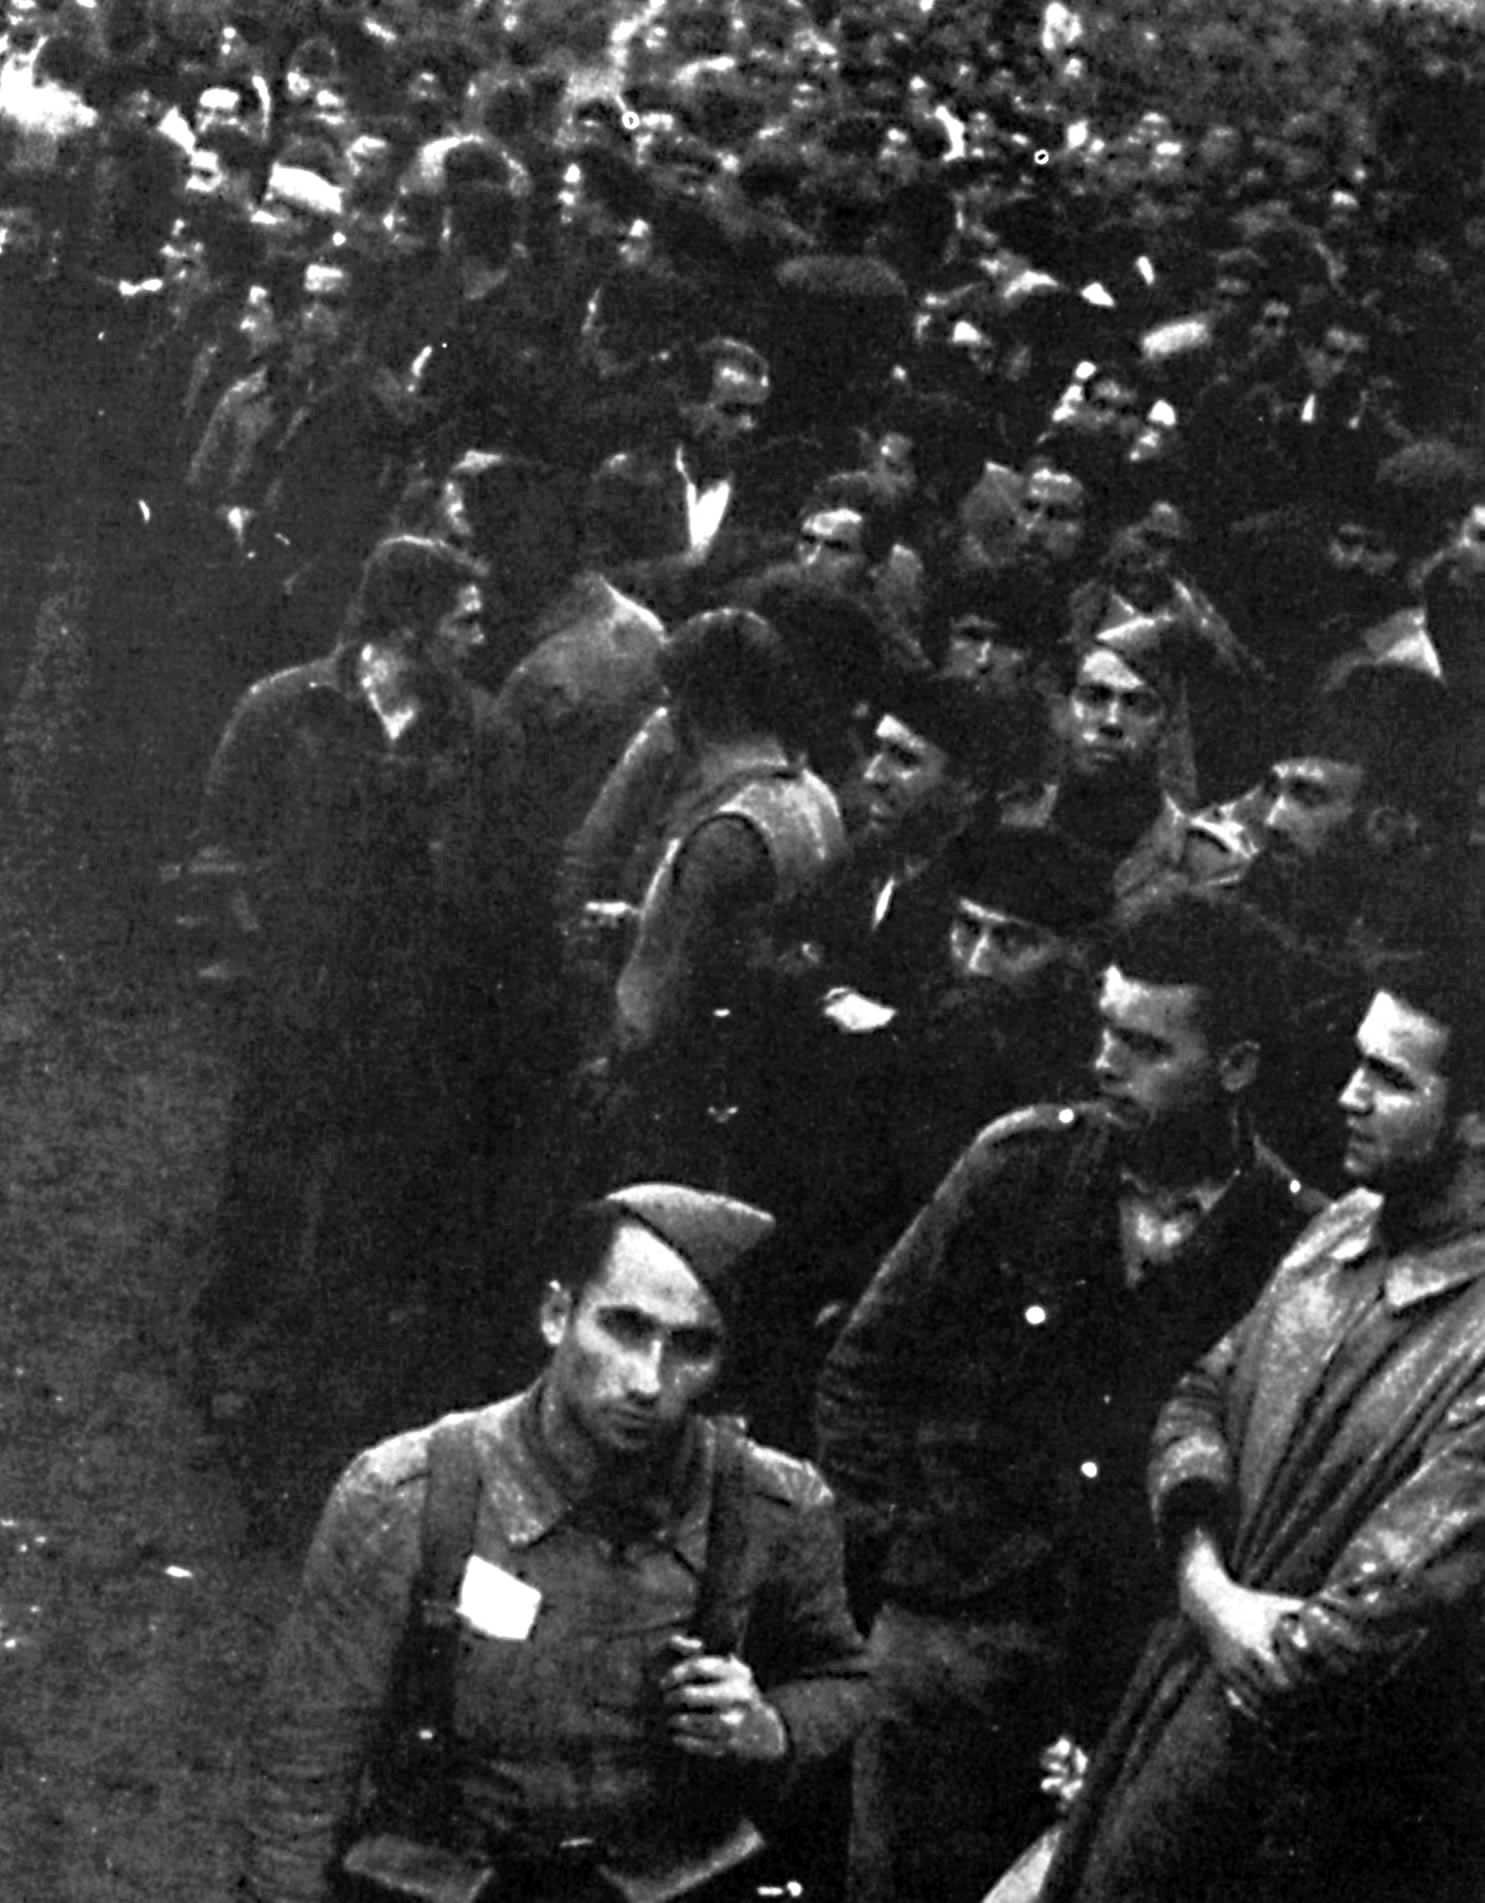 Grup de combatents republicans intentant prendre un vaixell al port de Gijón per fugir la nit del 20 i al 21 d'octubre de 1937